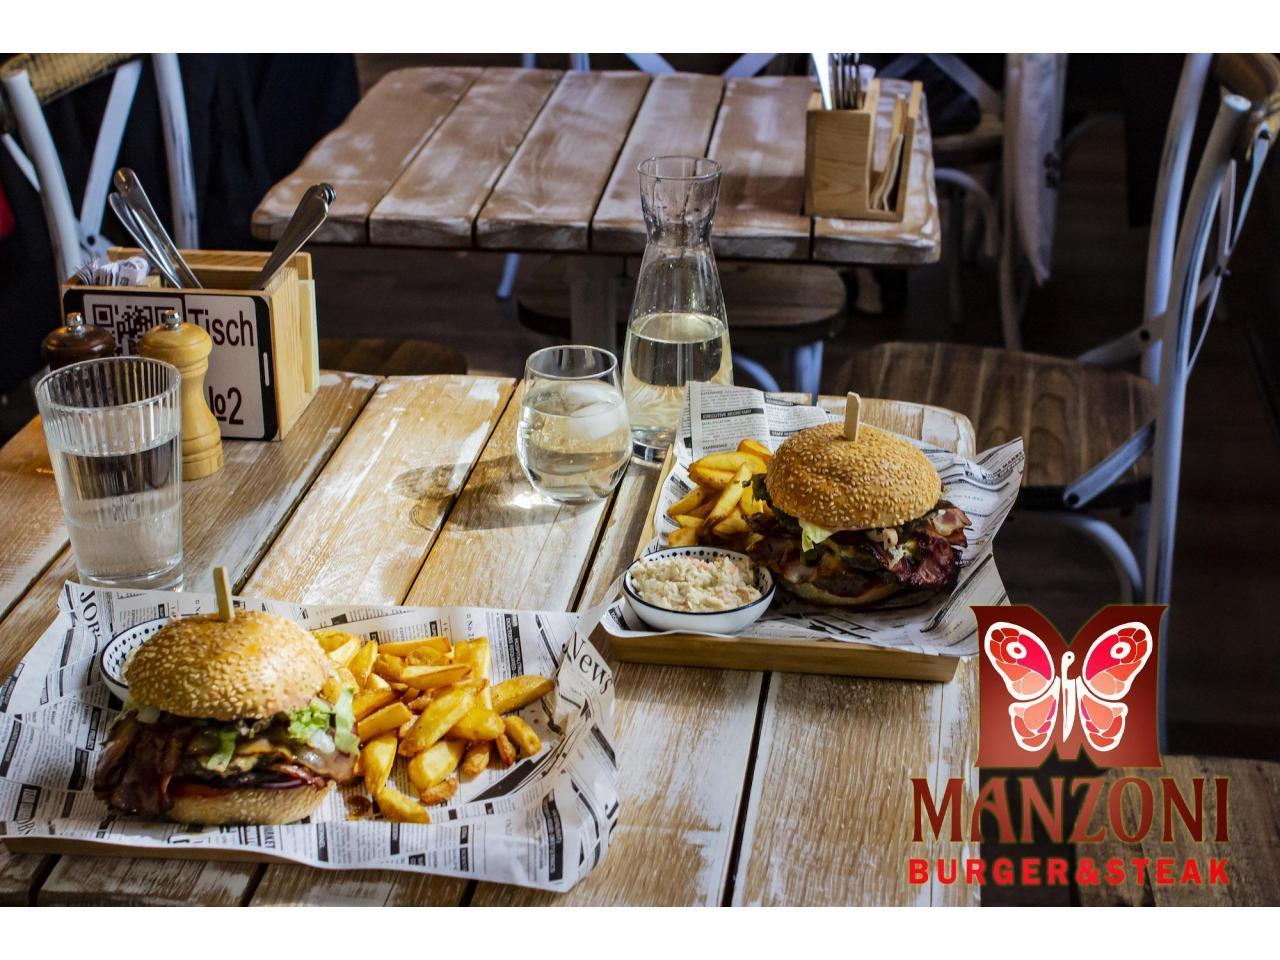 Трудоголик шеф-повар ищет партнёра для открытия сети ресторанчиков в Лондоне - 7